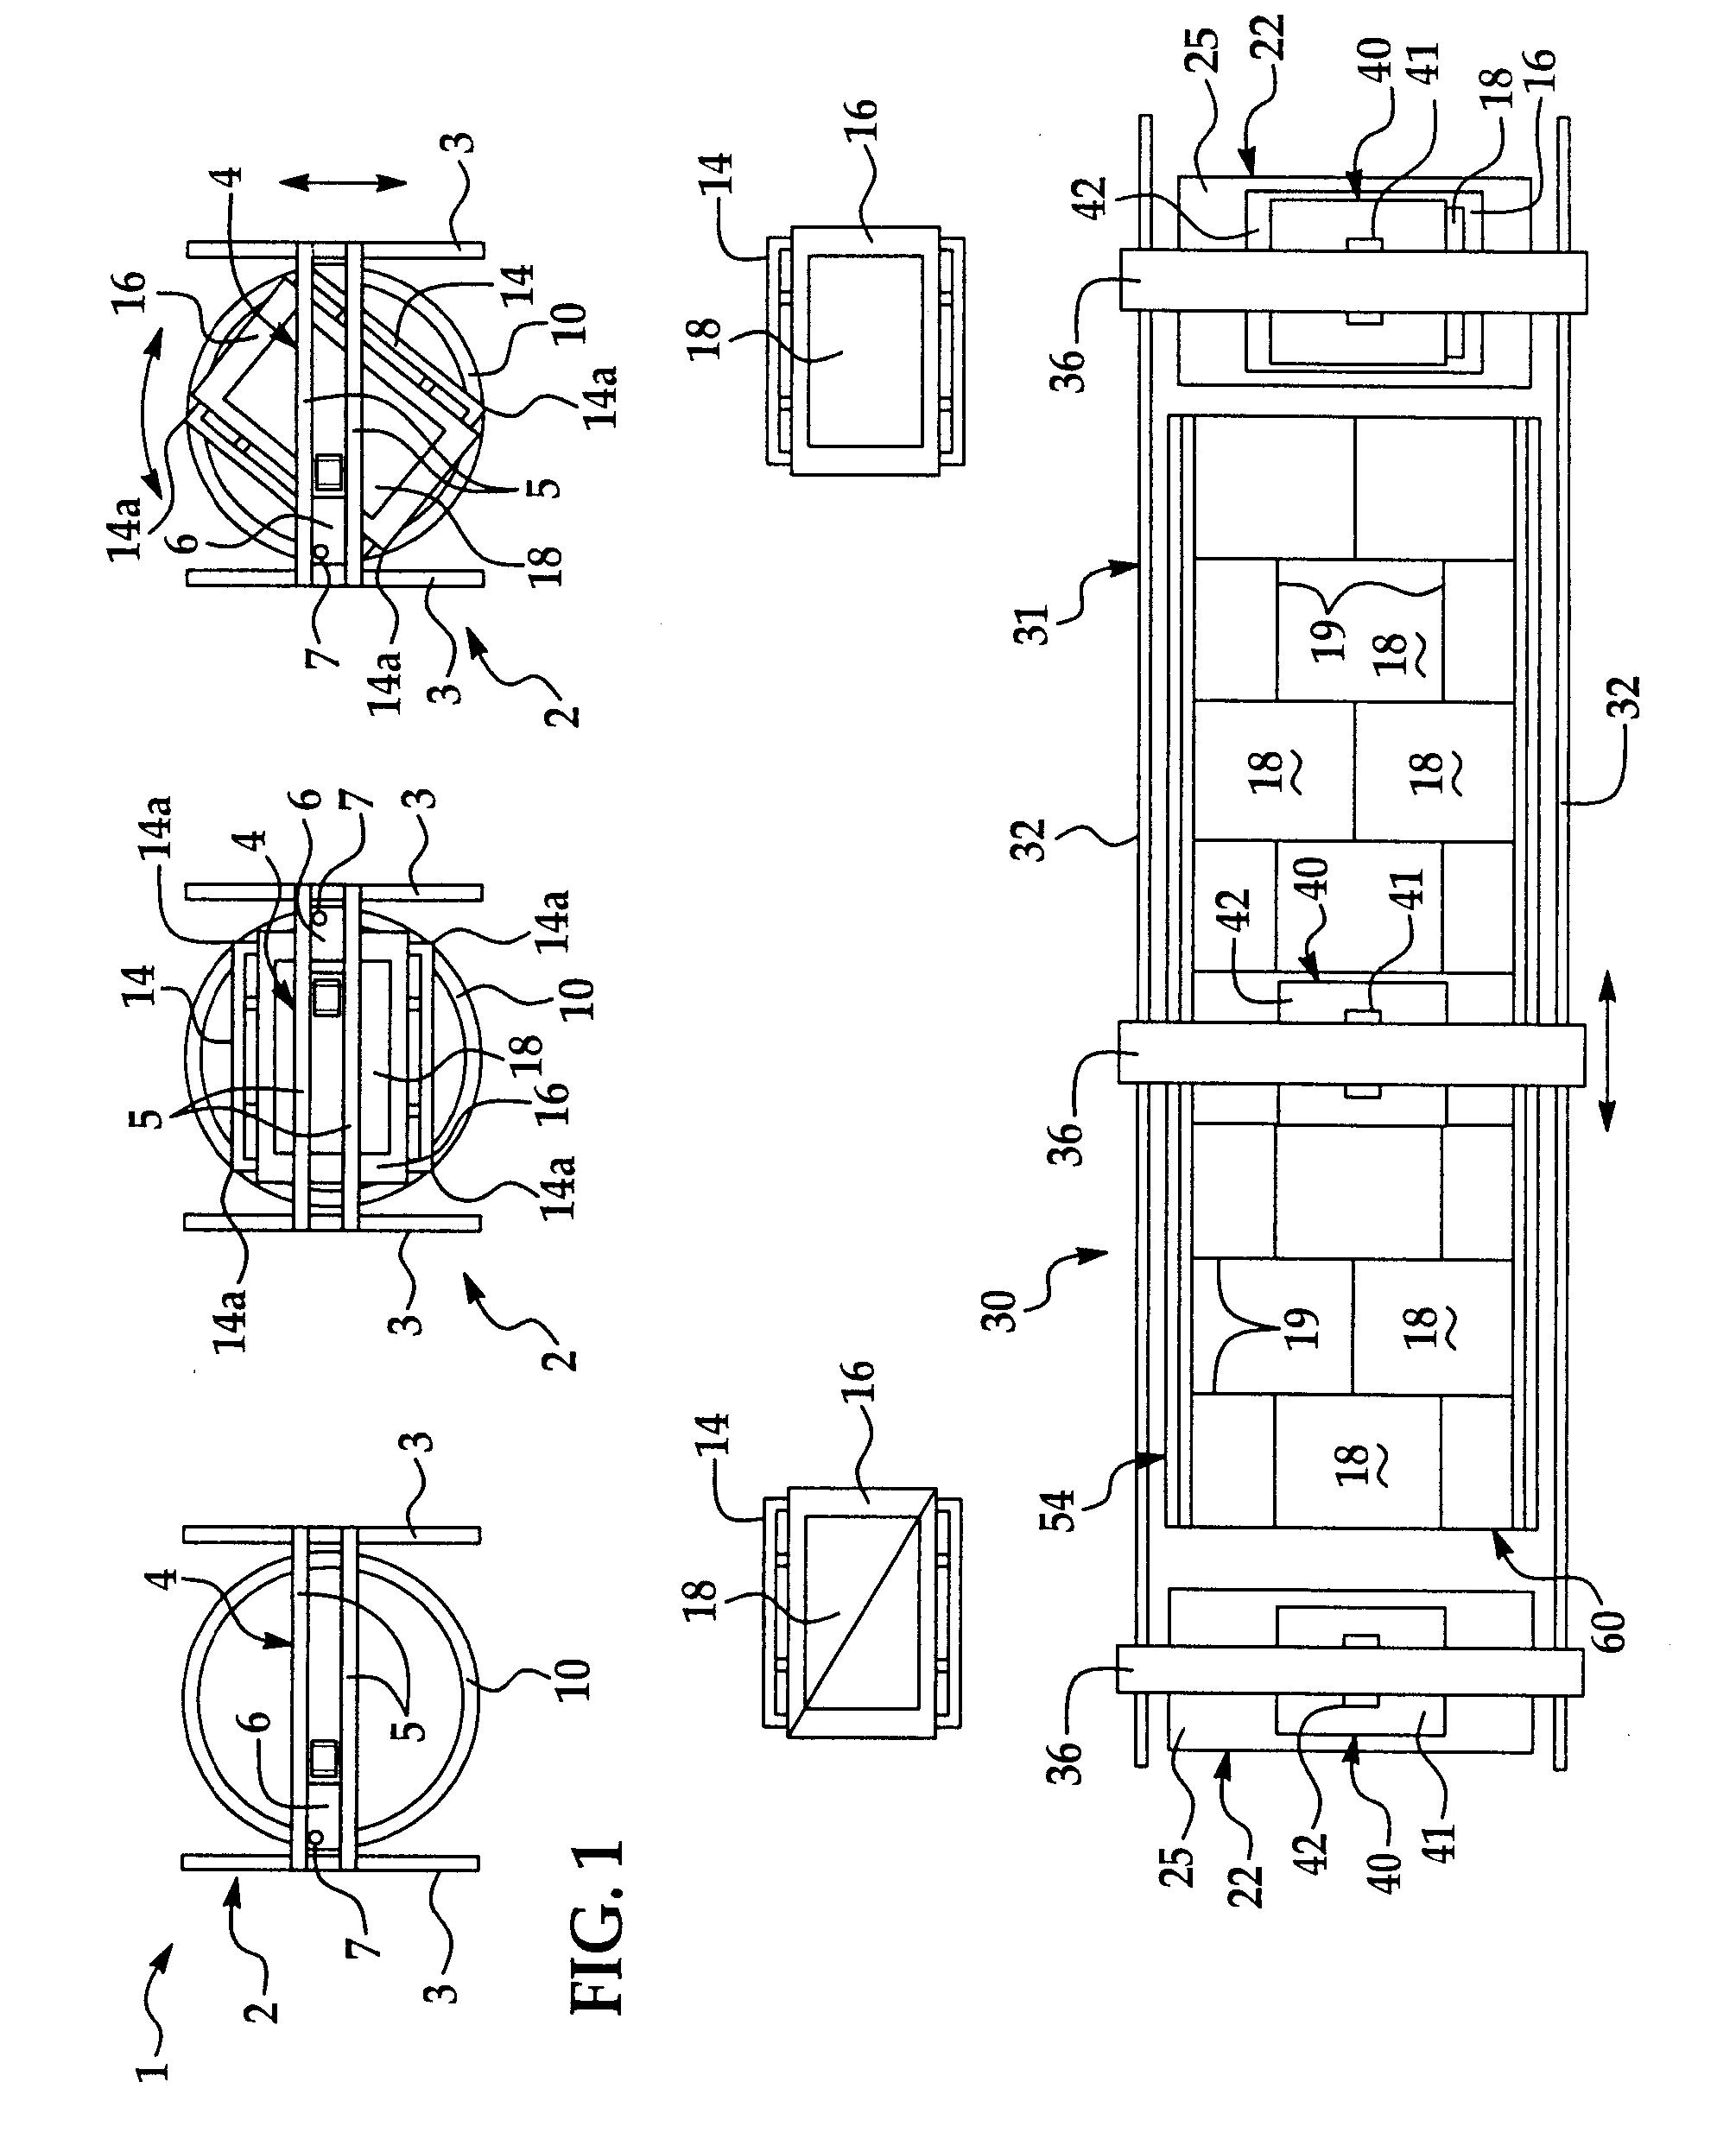 Patent US20090145545